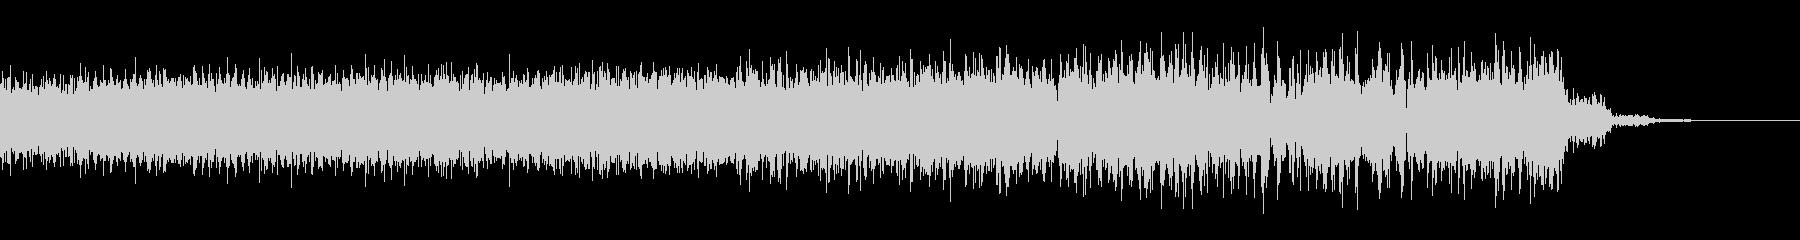 力を溜めるような音(チャージ/機械)の未再生の波形